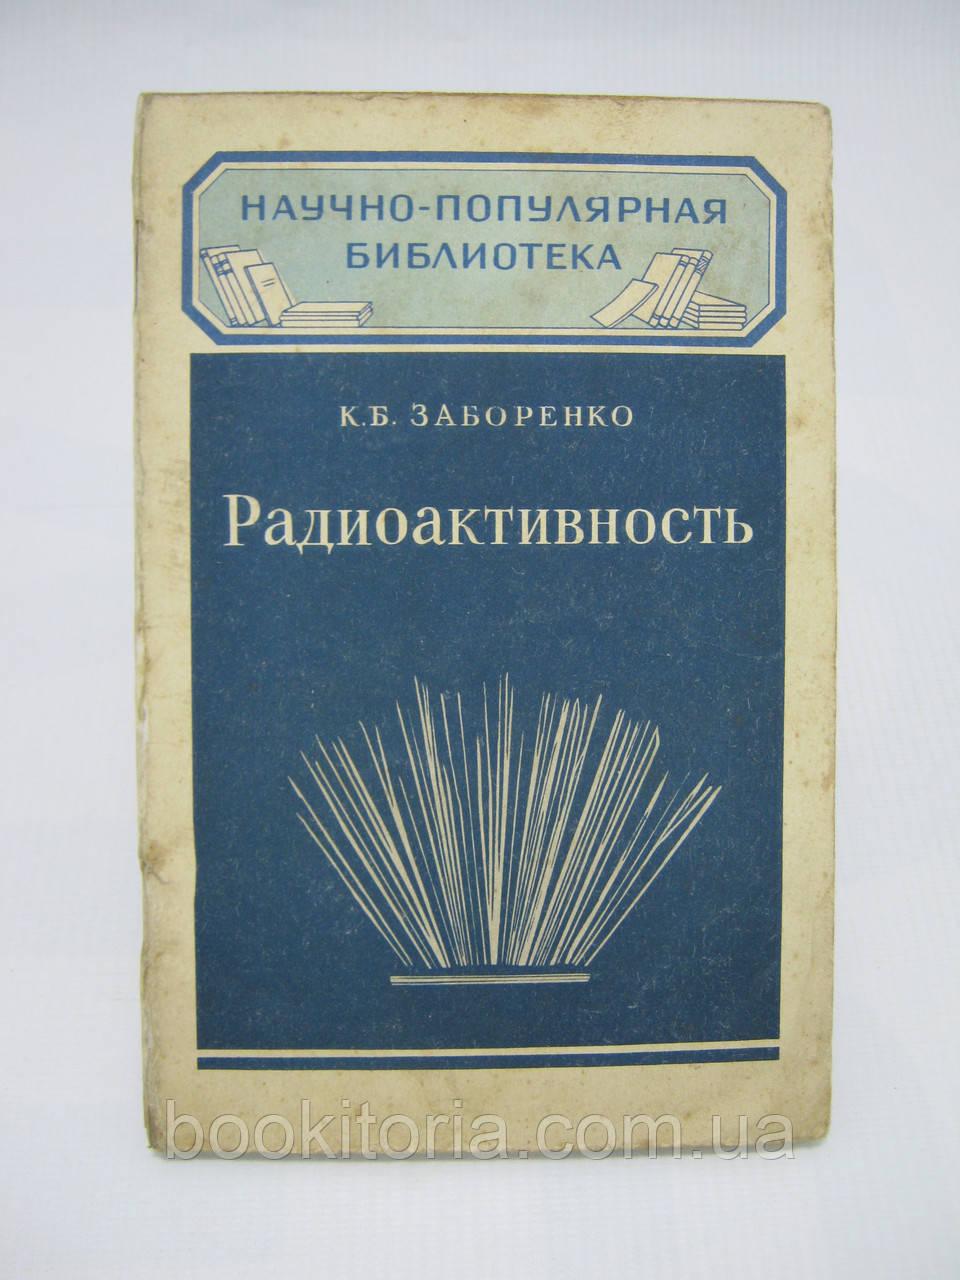 Заборенко К.Б. Радиоактивность (б/у).